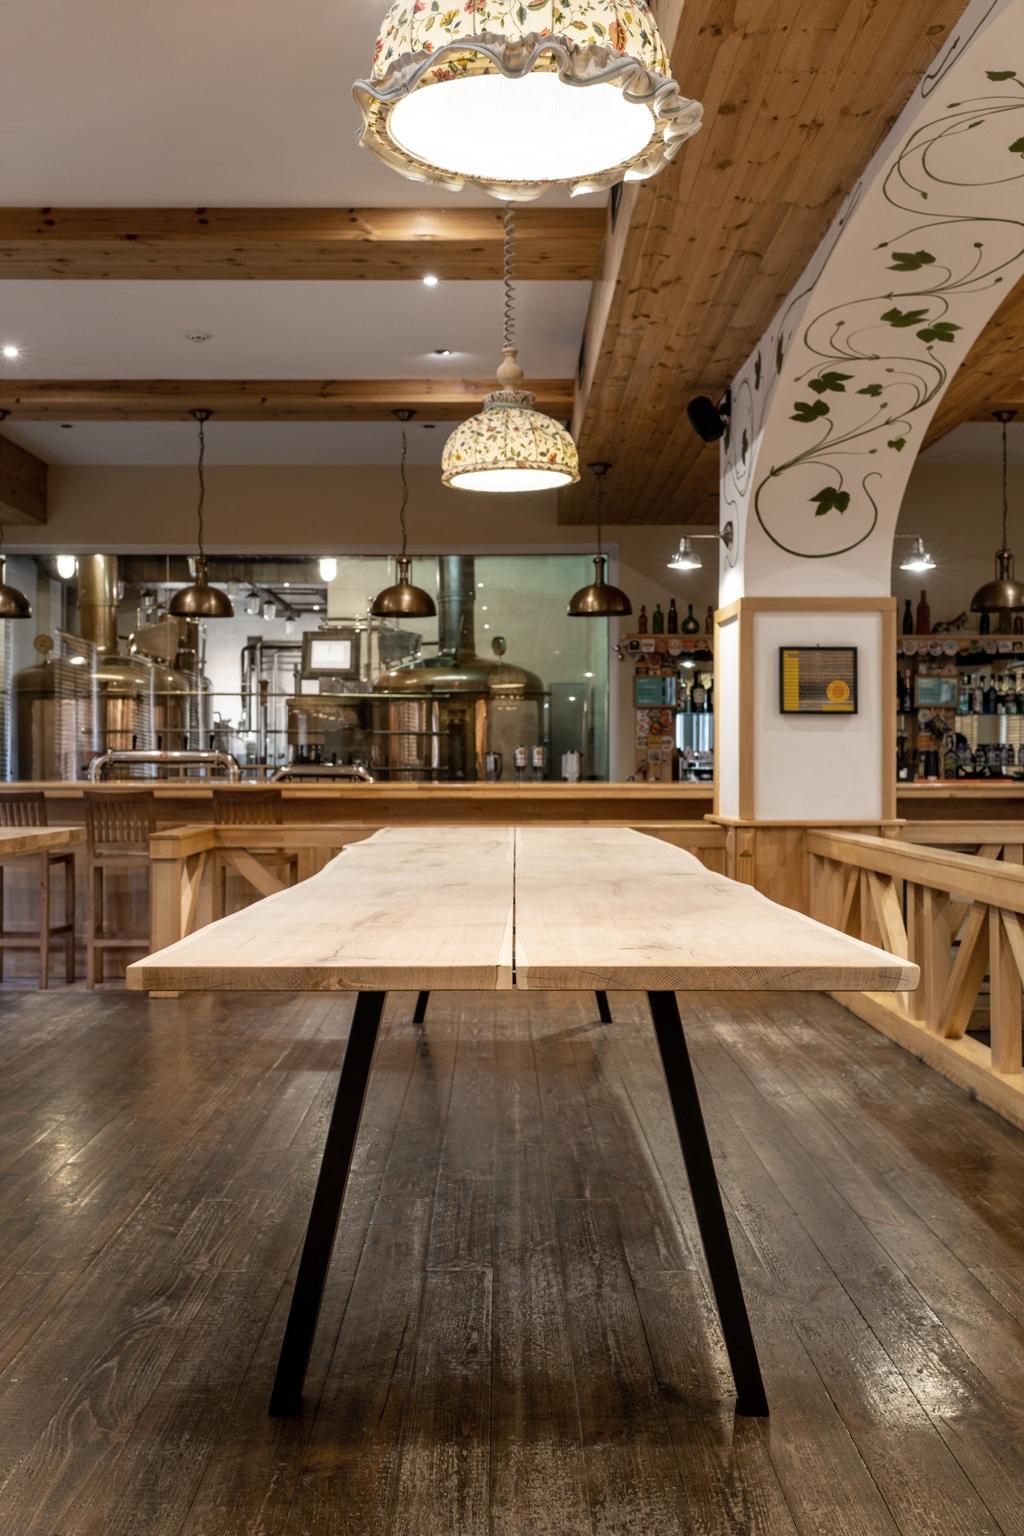 acheter des plateaux de table en bois